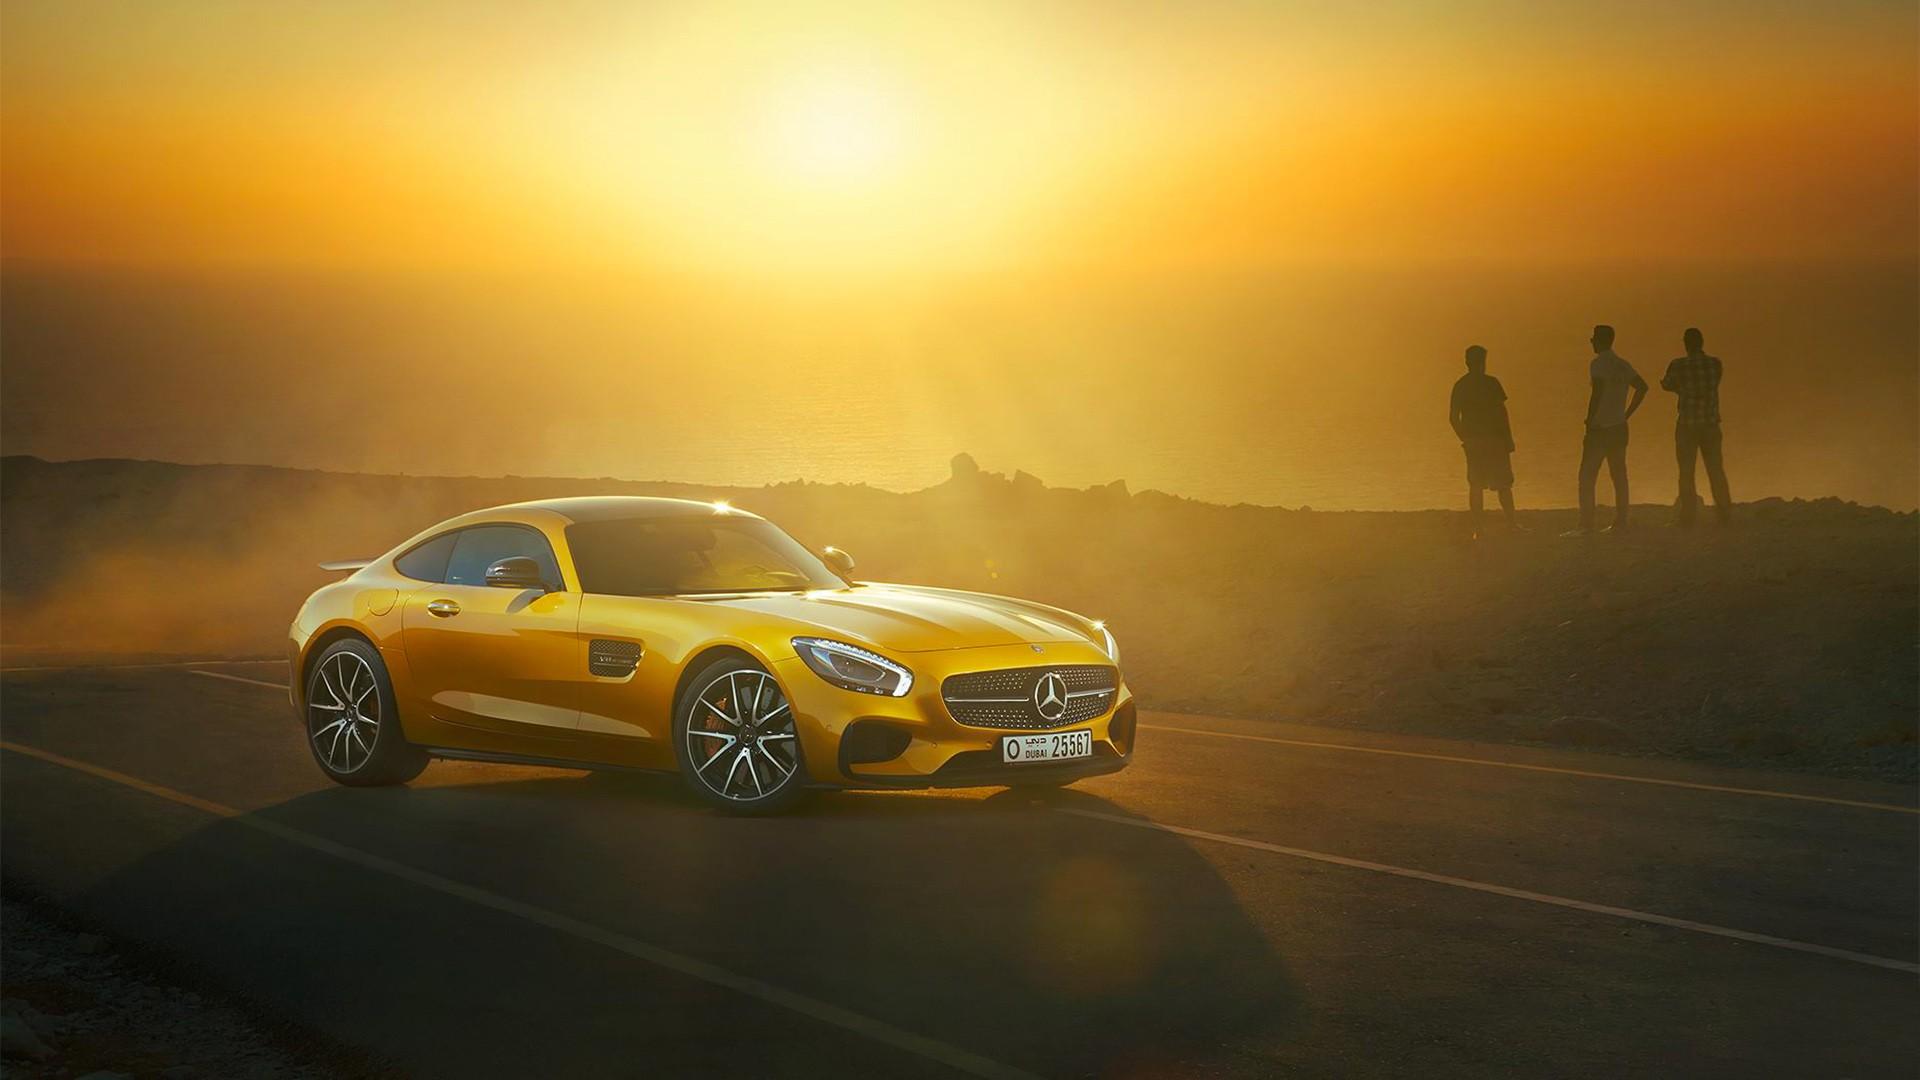 Mercedes Benz AMG GT S 2015 Wallpaper HD Car Wallpapers